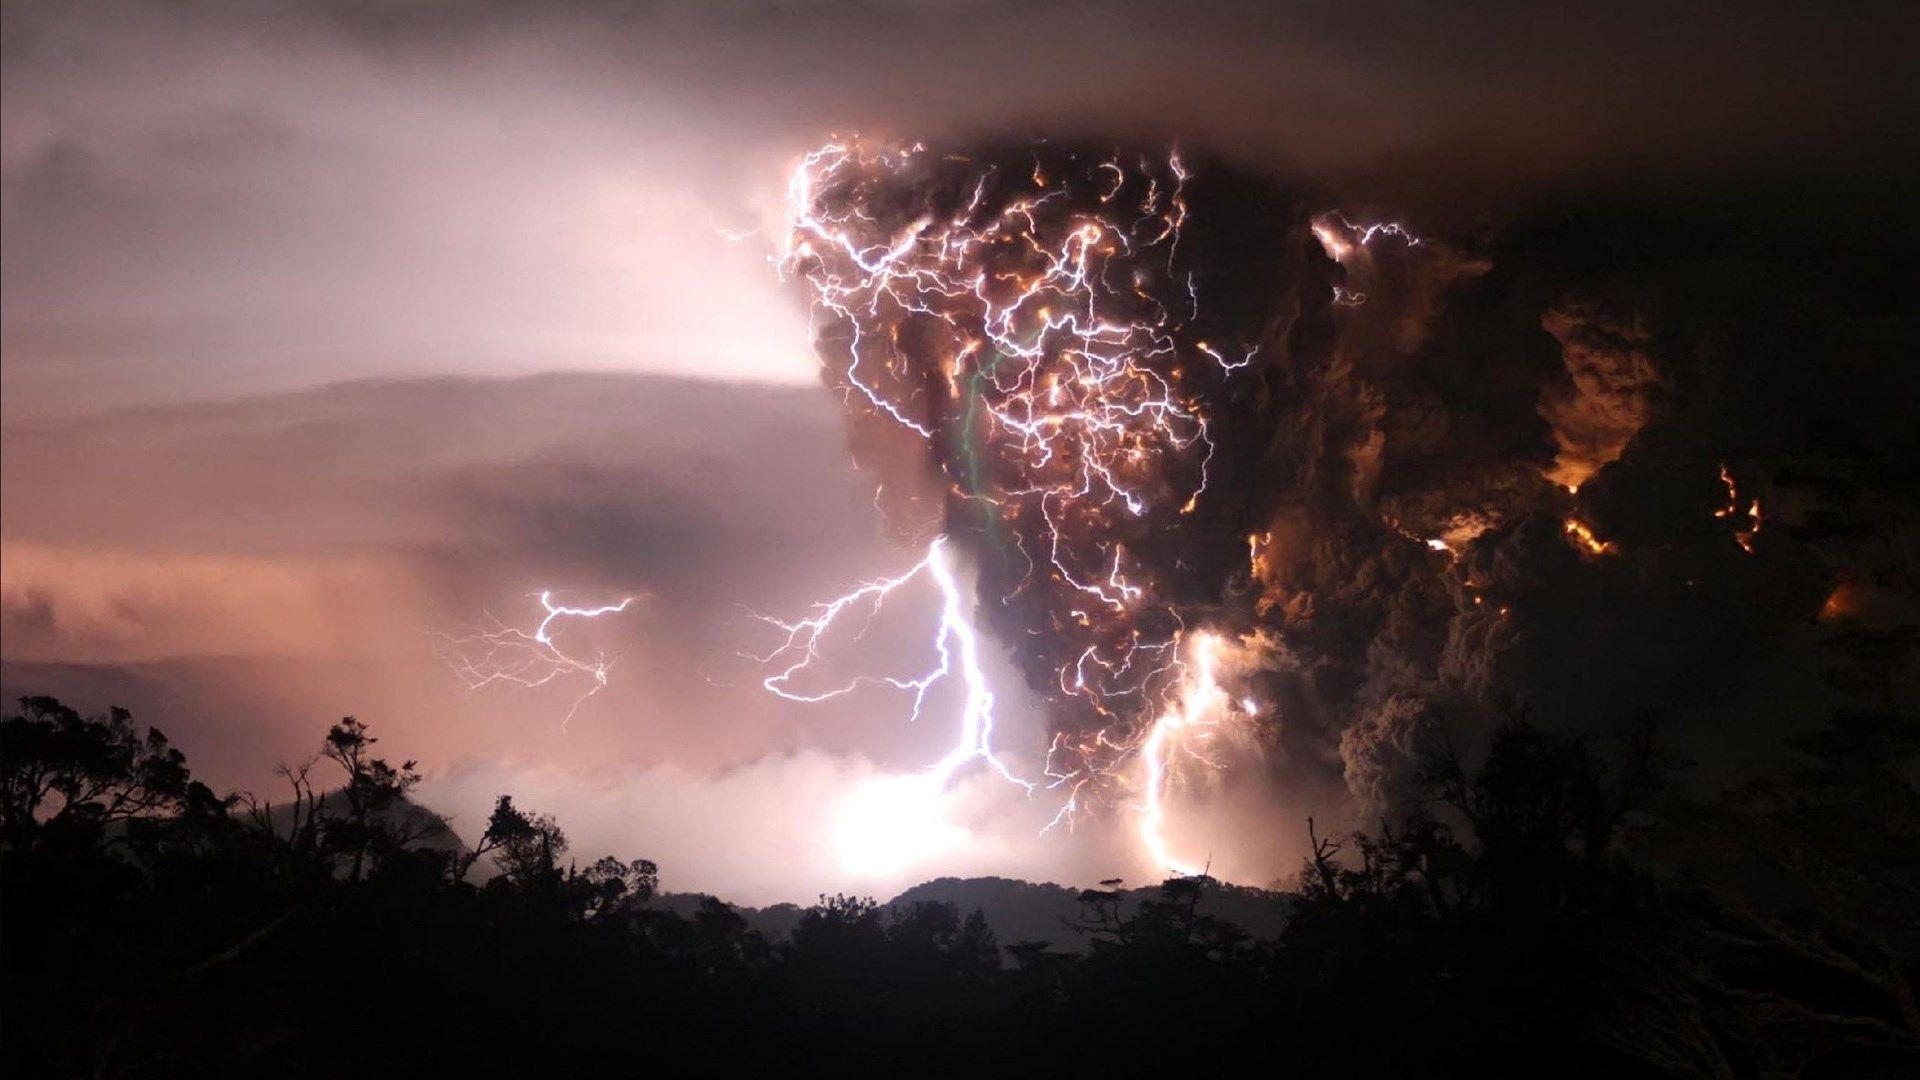 1920x1080 Full size lightning